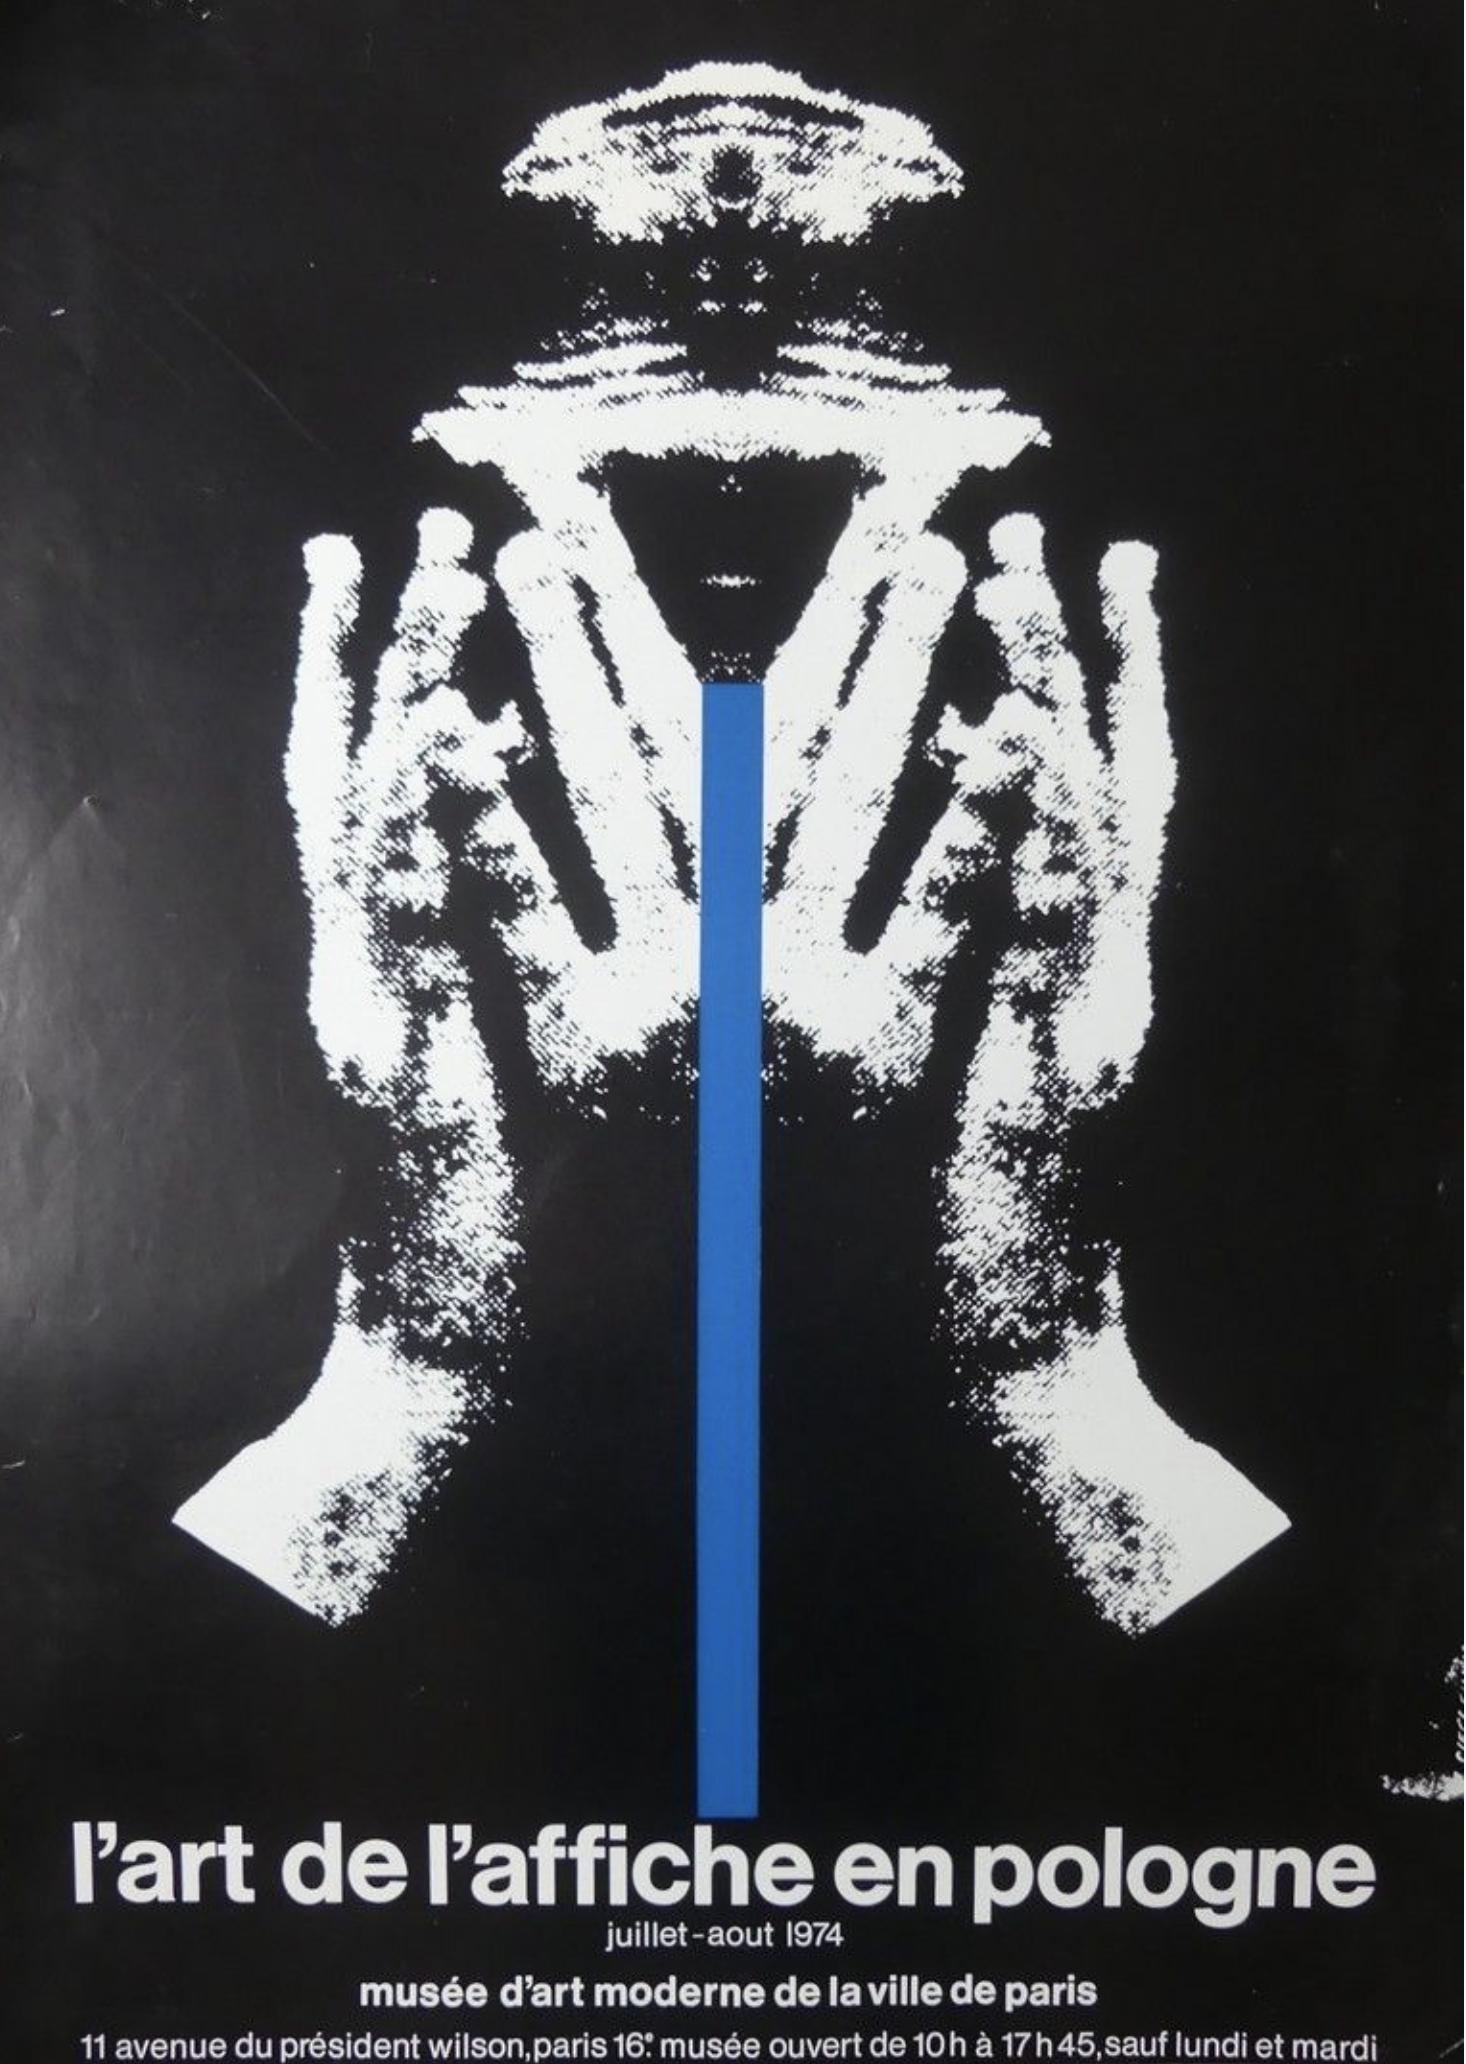 CIESLEWICZ 1974 Original Vintage Poster Letitia Morris Gallery